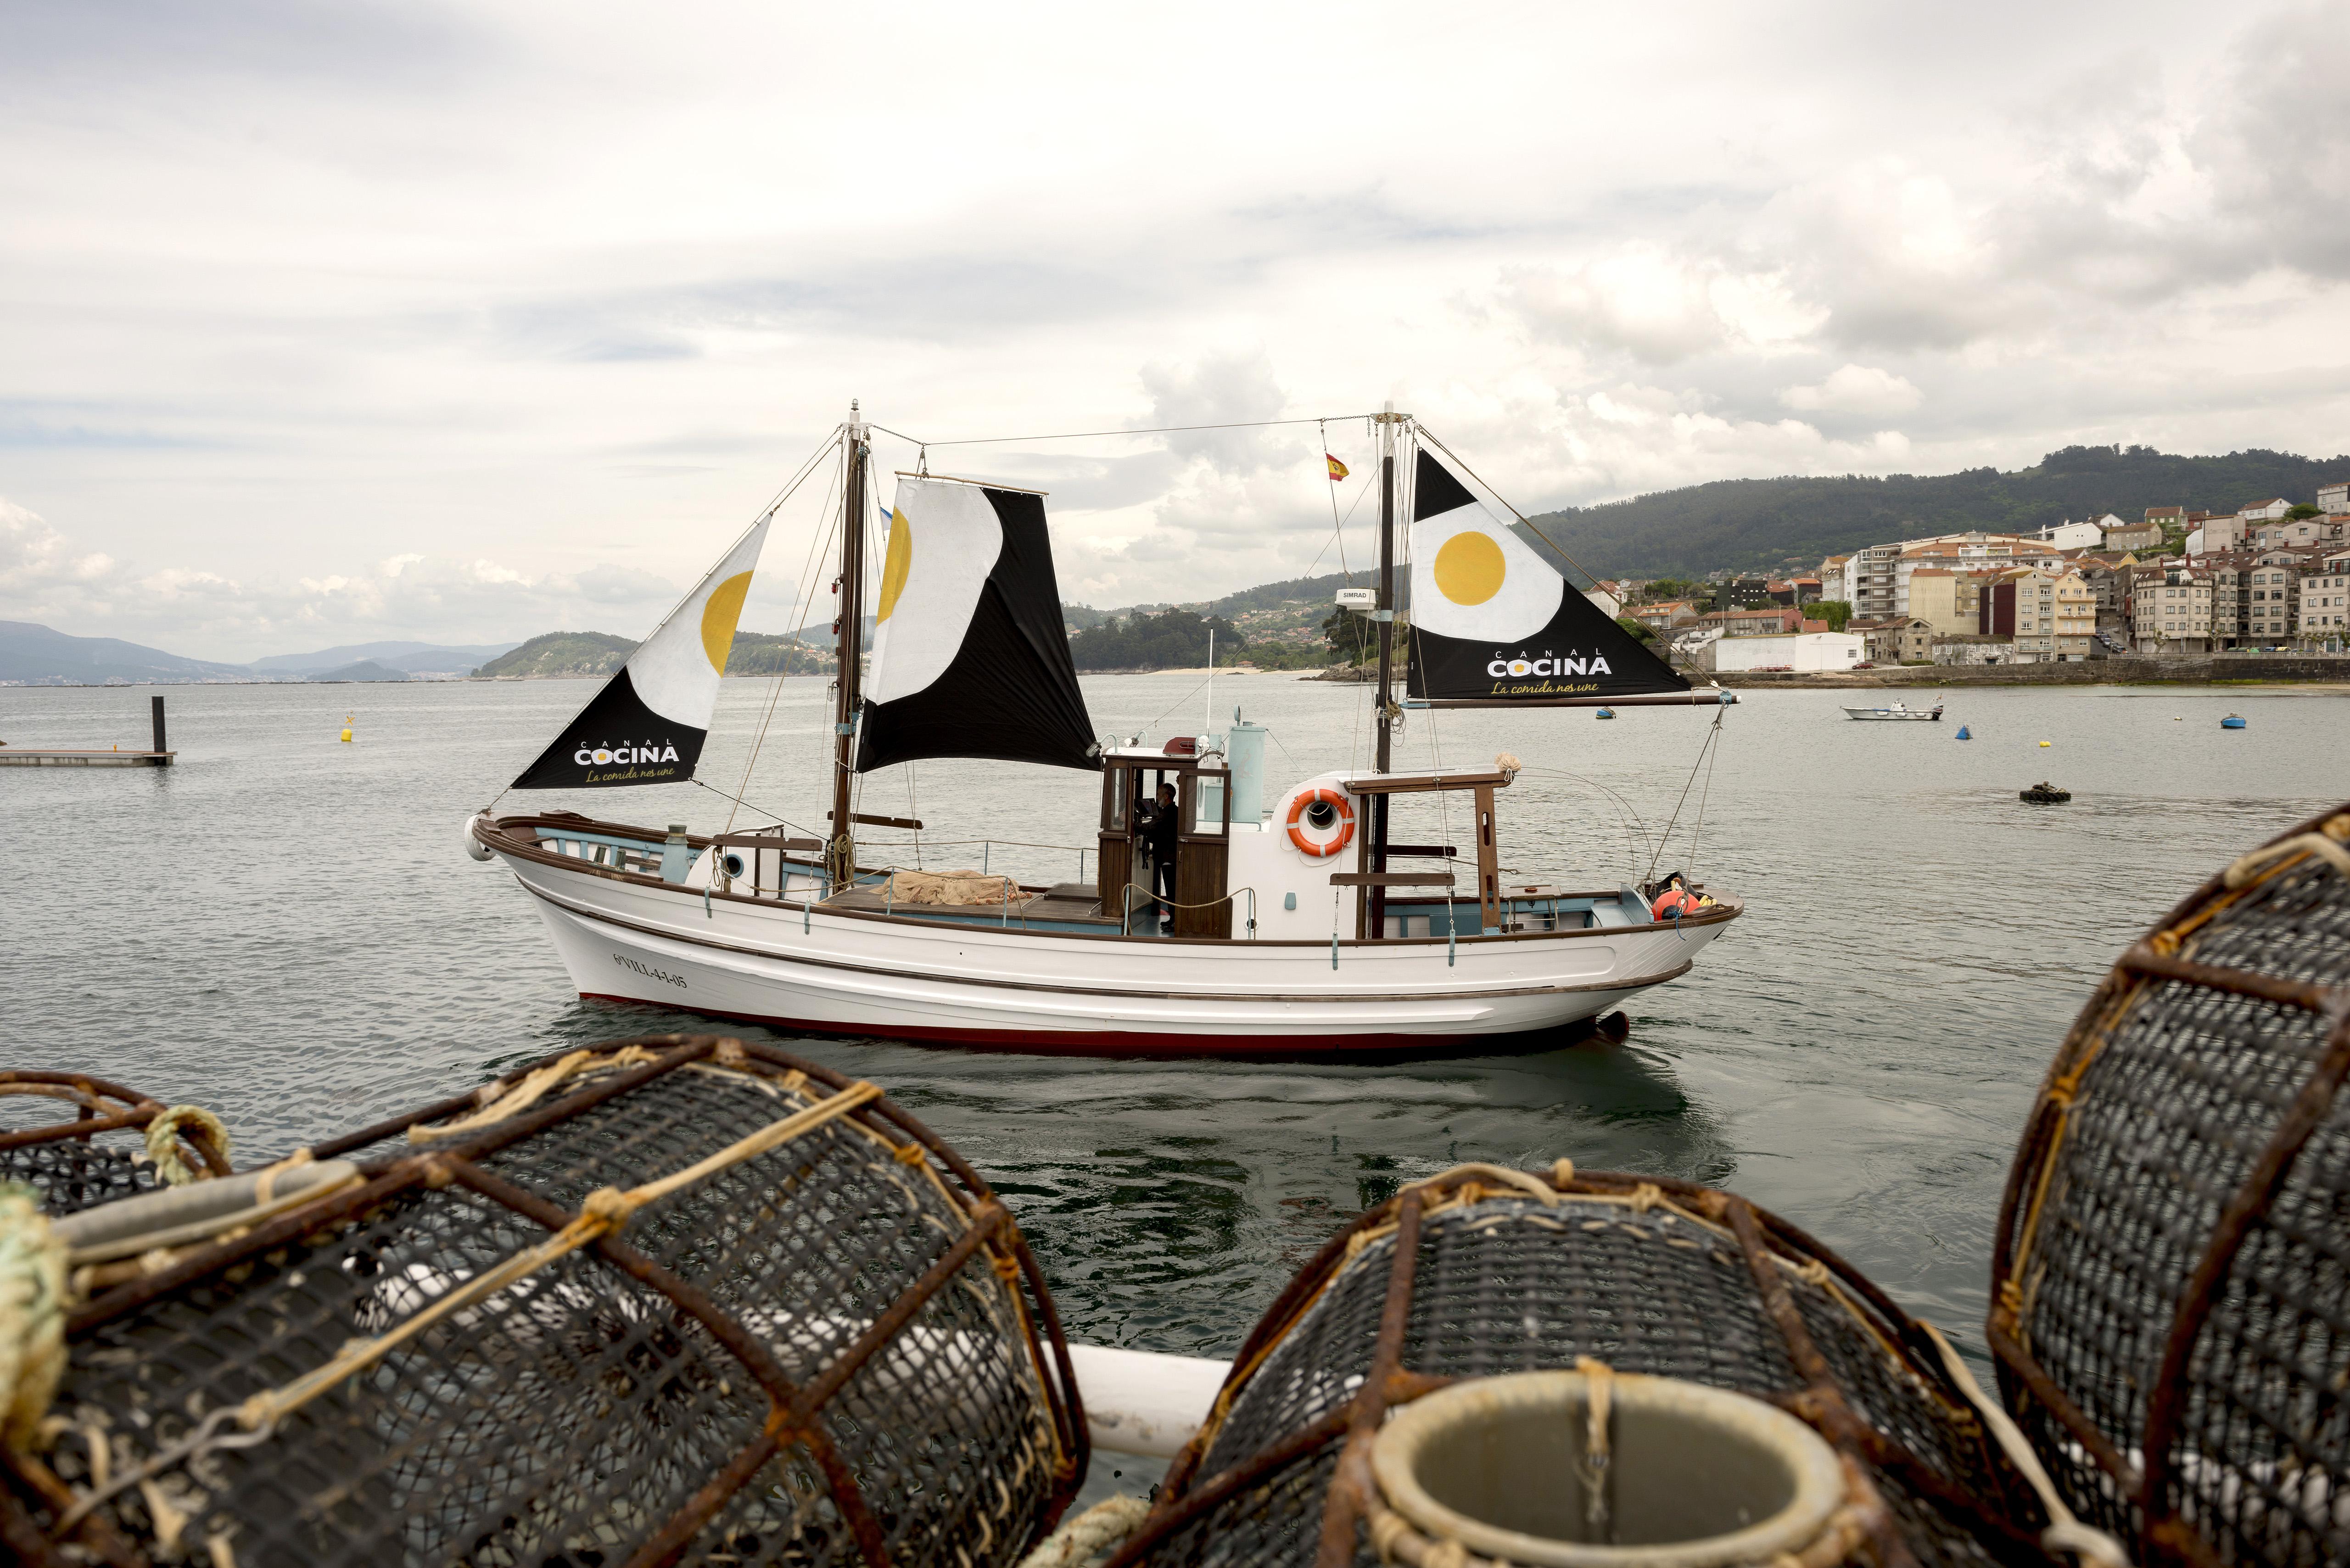 Las costas gallegas protagonizan los nuevos episodios de - Canal de cocina ...